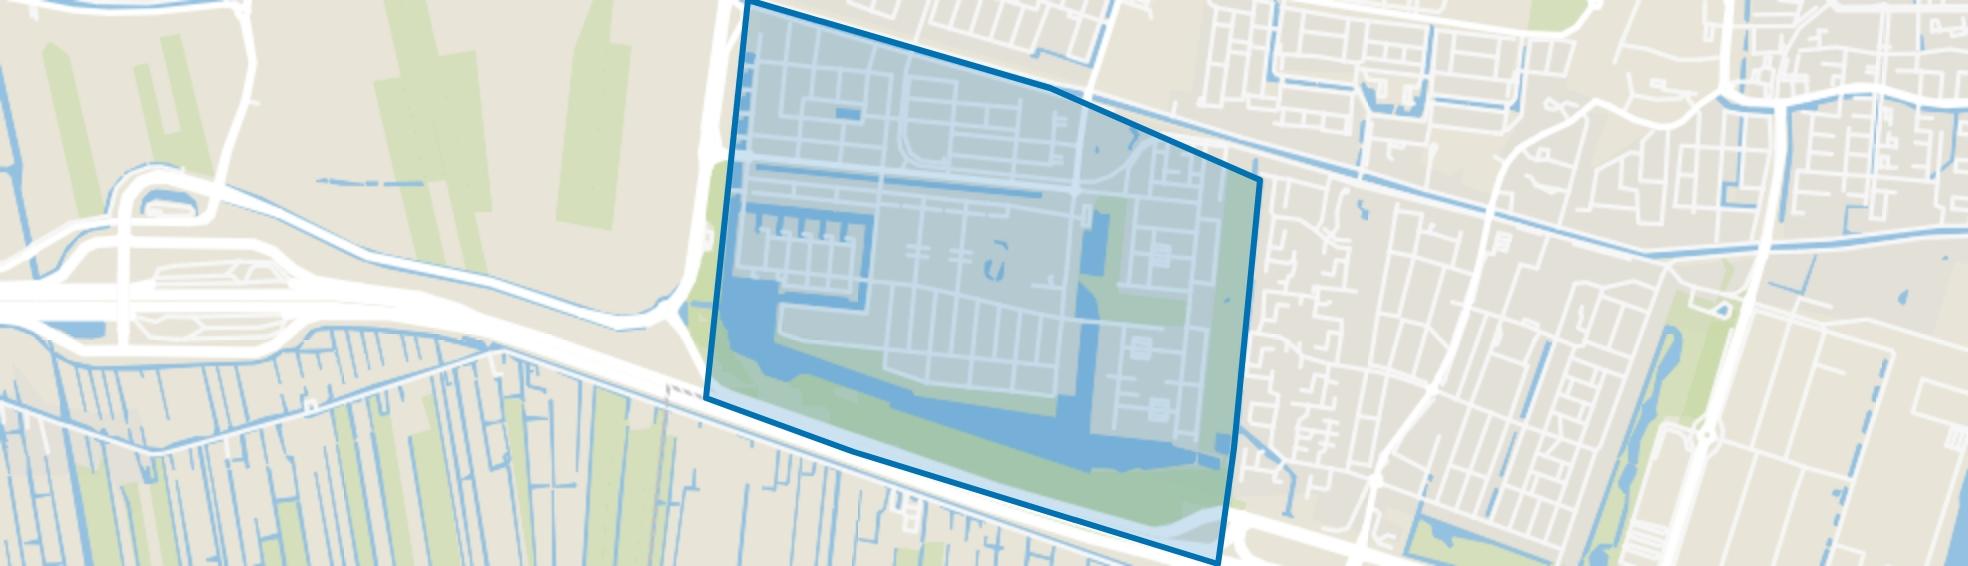 Veldhuizen, De Meern map